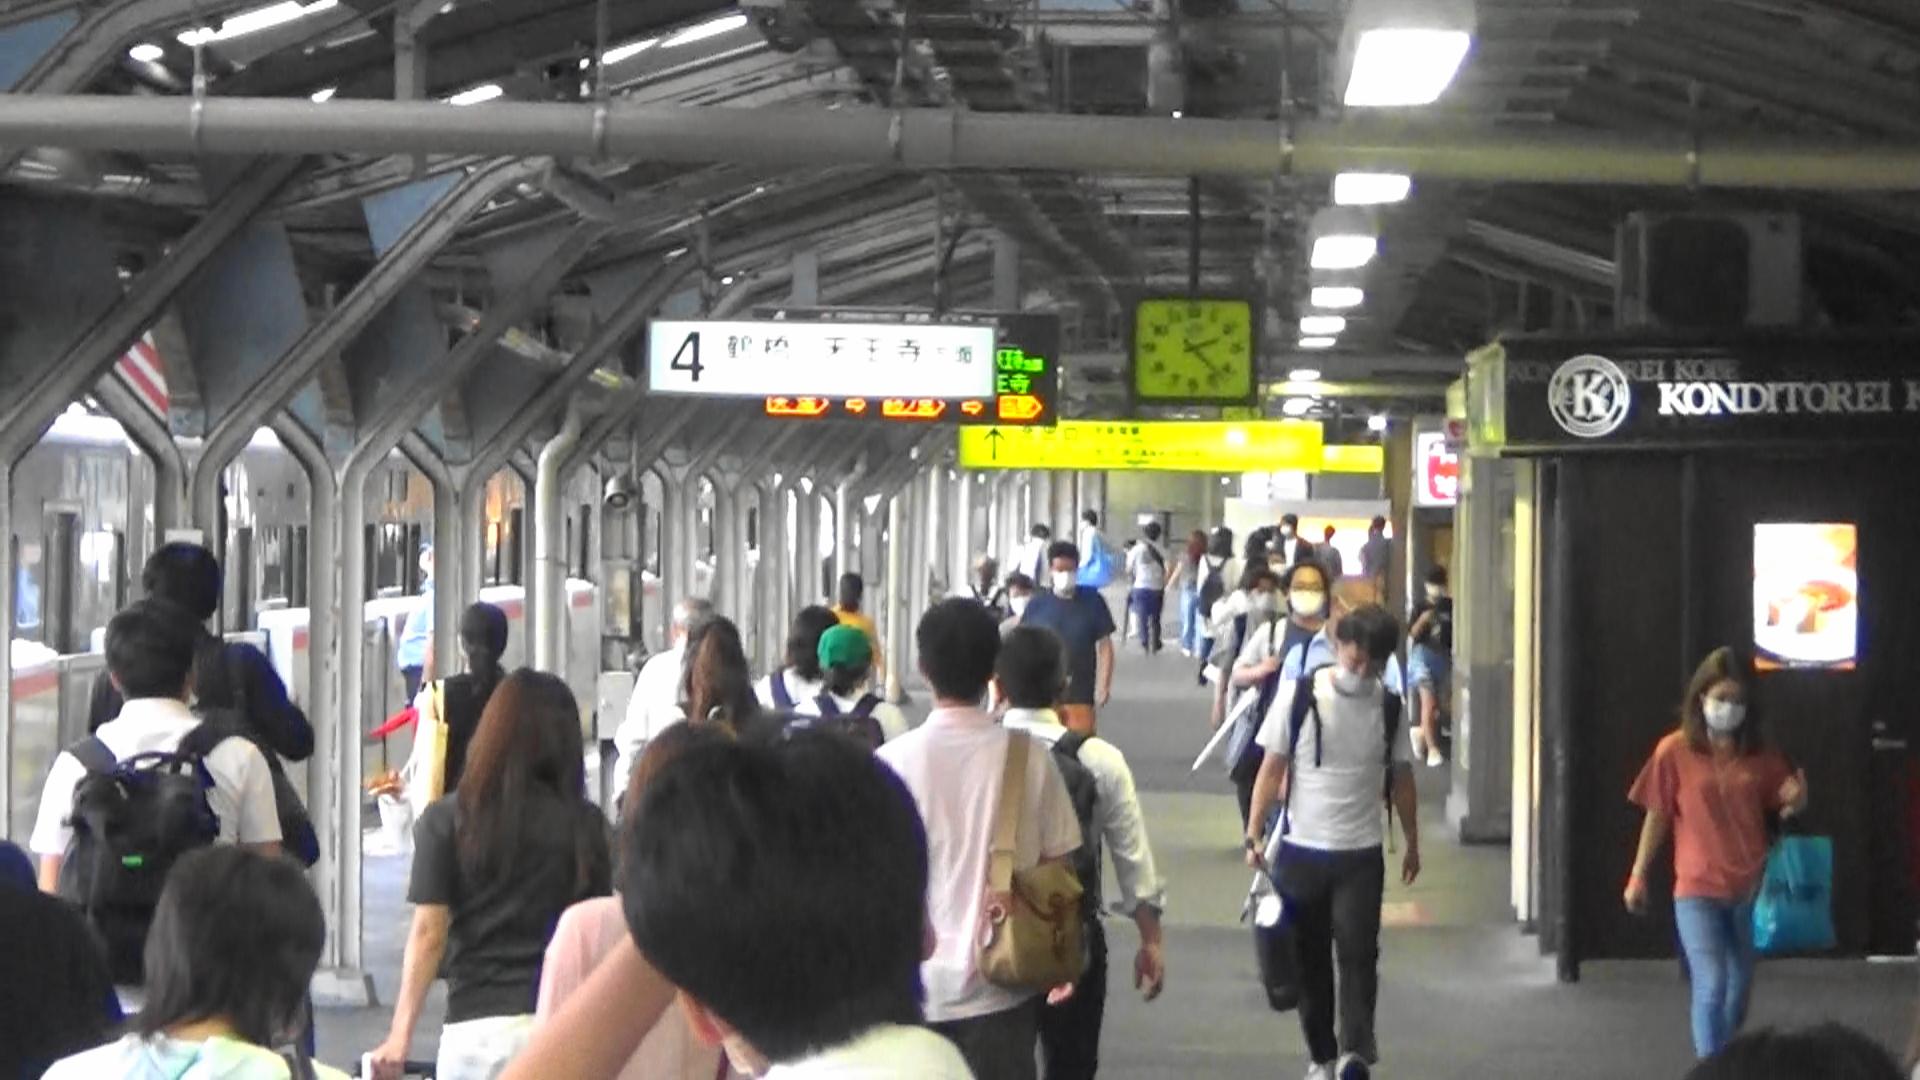 【浮気調査】【所在調査】のご依頼を頂いた大阪府堺市のお客様の声